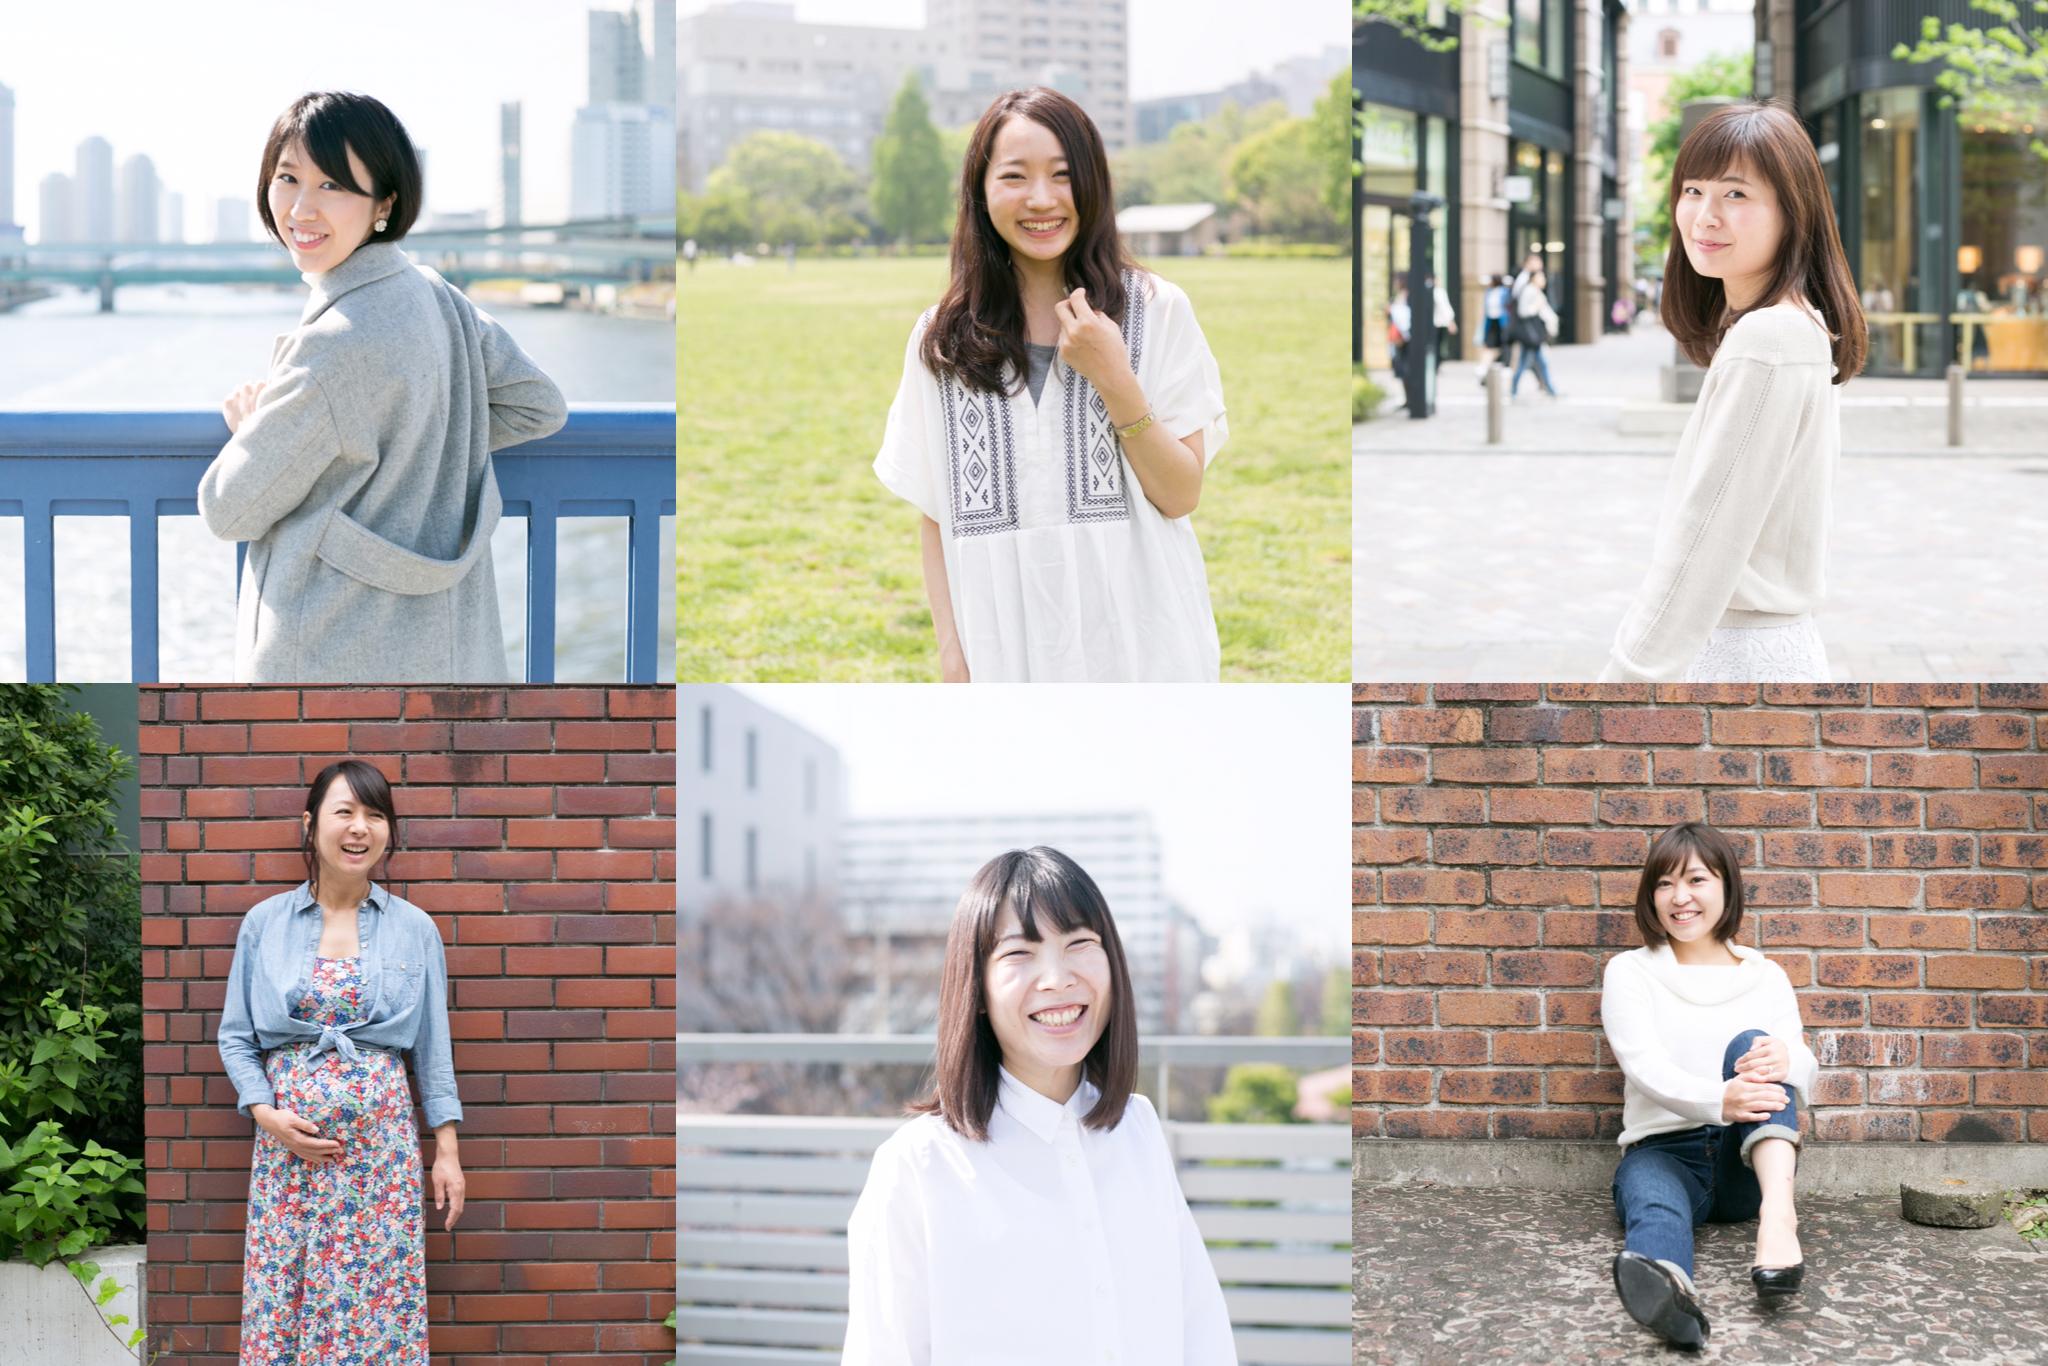 女の子を撮って生きたい!忠地七緒×赤坂由梨 写真集&写真展プロジェクトIN台湾